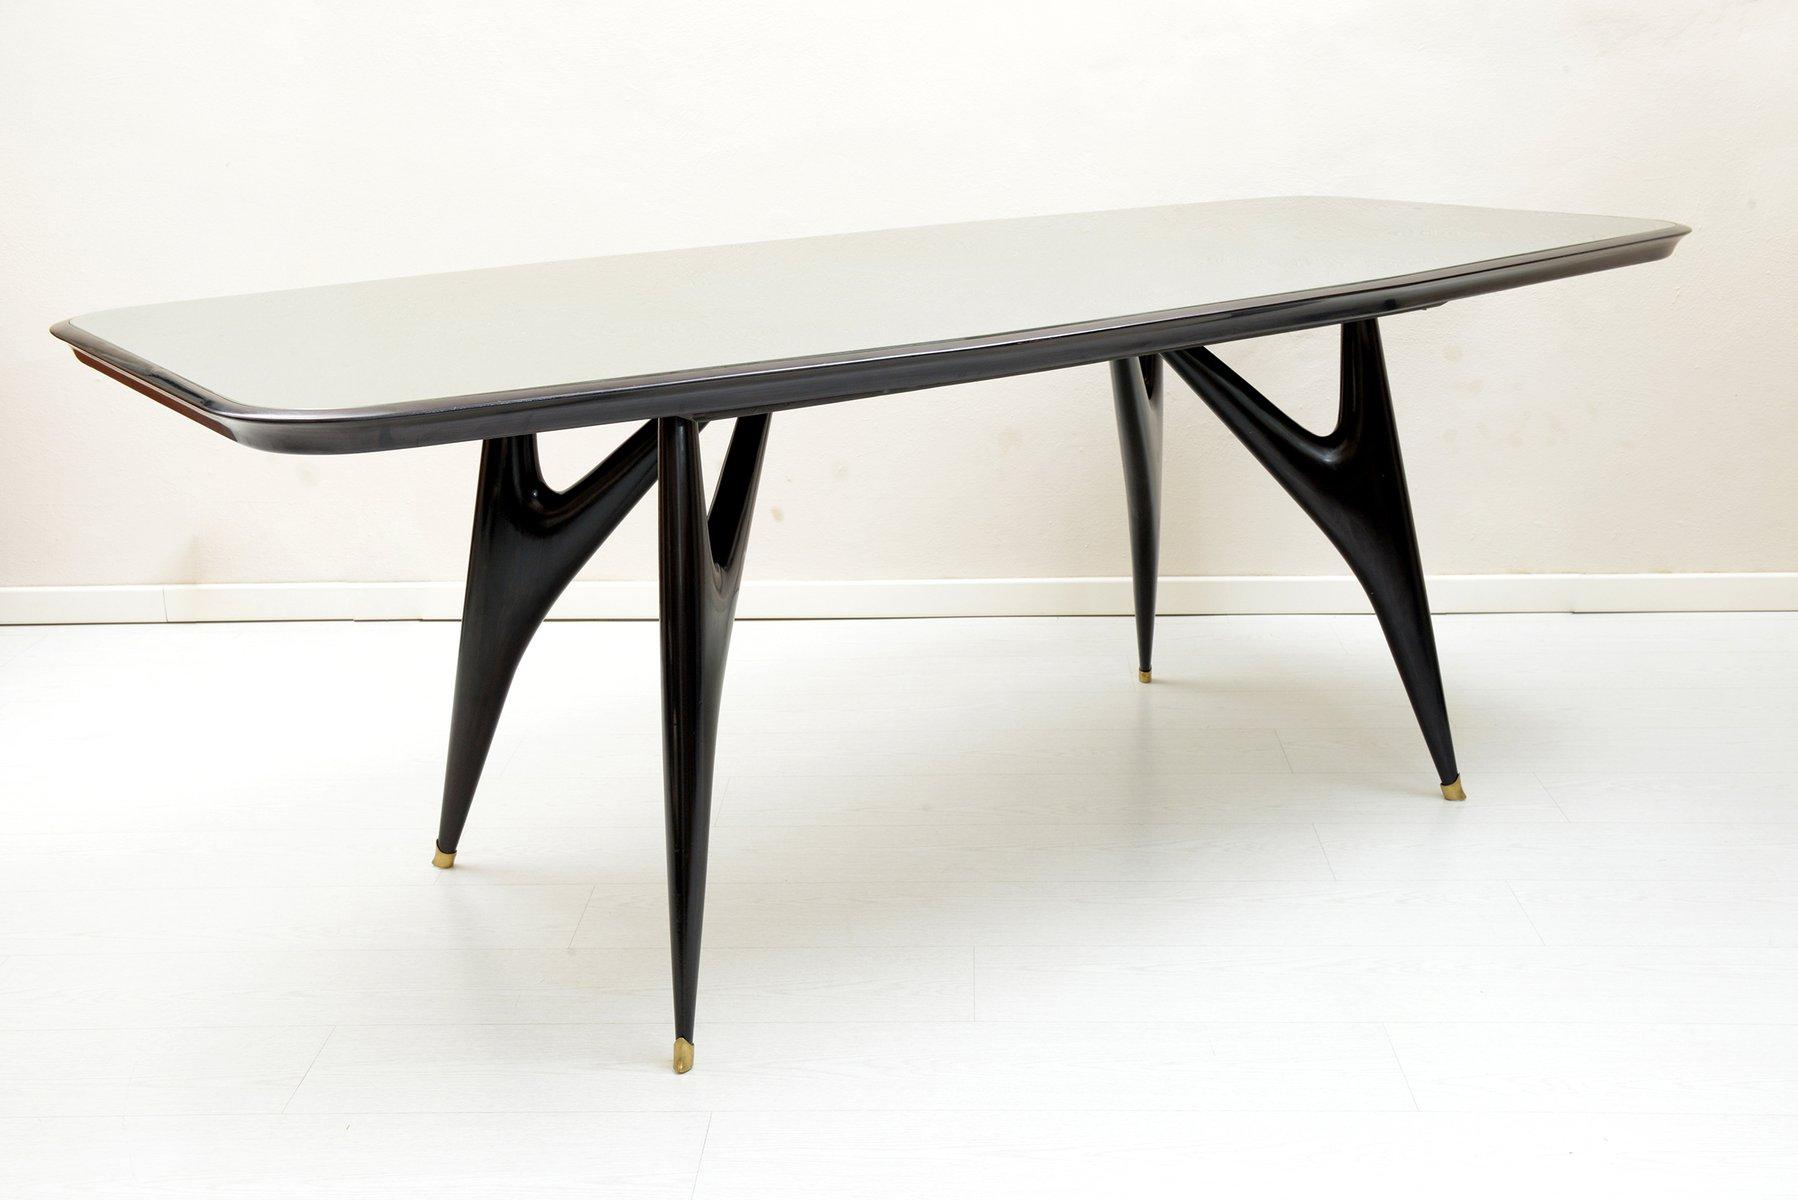 Tavolo da pranzo nero in legno, Italia, anni \'50 in vendita su Pamono